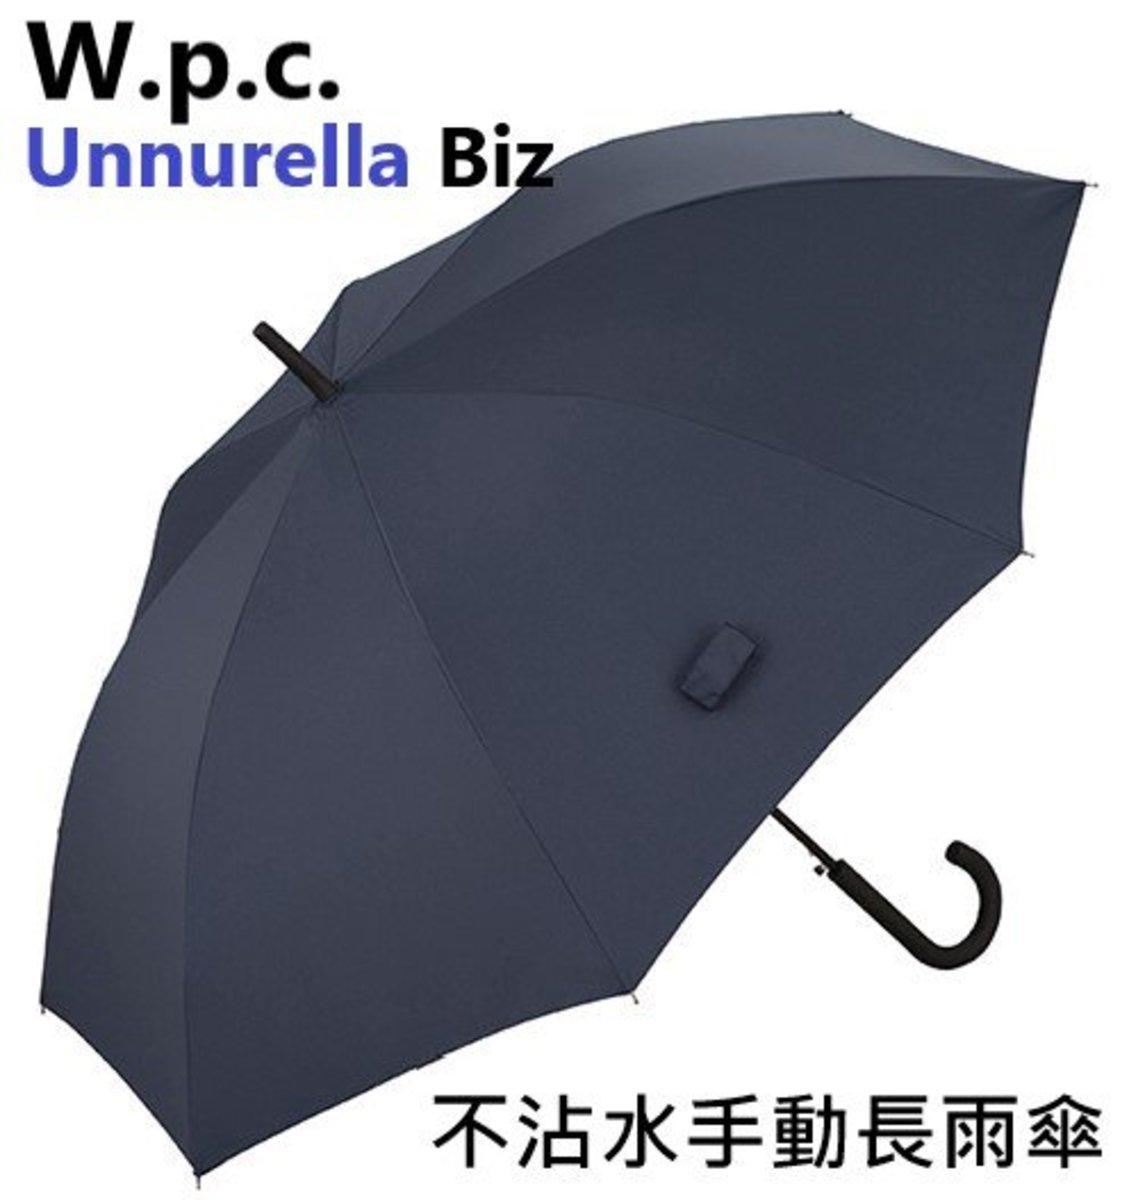 (UN-1003) Unnurella Biz日本瞬間速乾滴水不沾長雨傘 - 深藍色